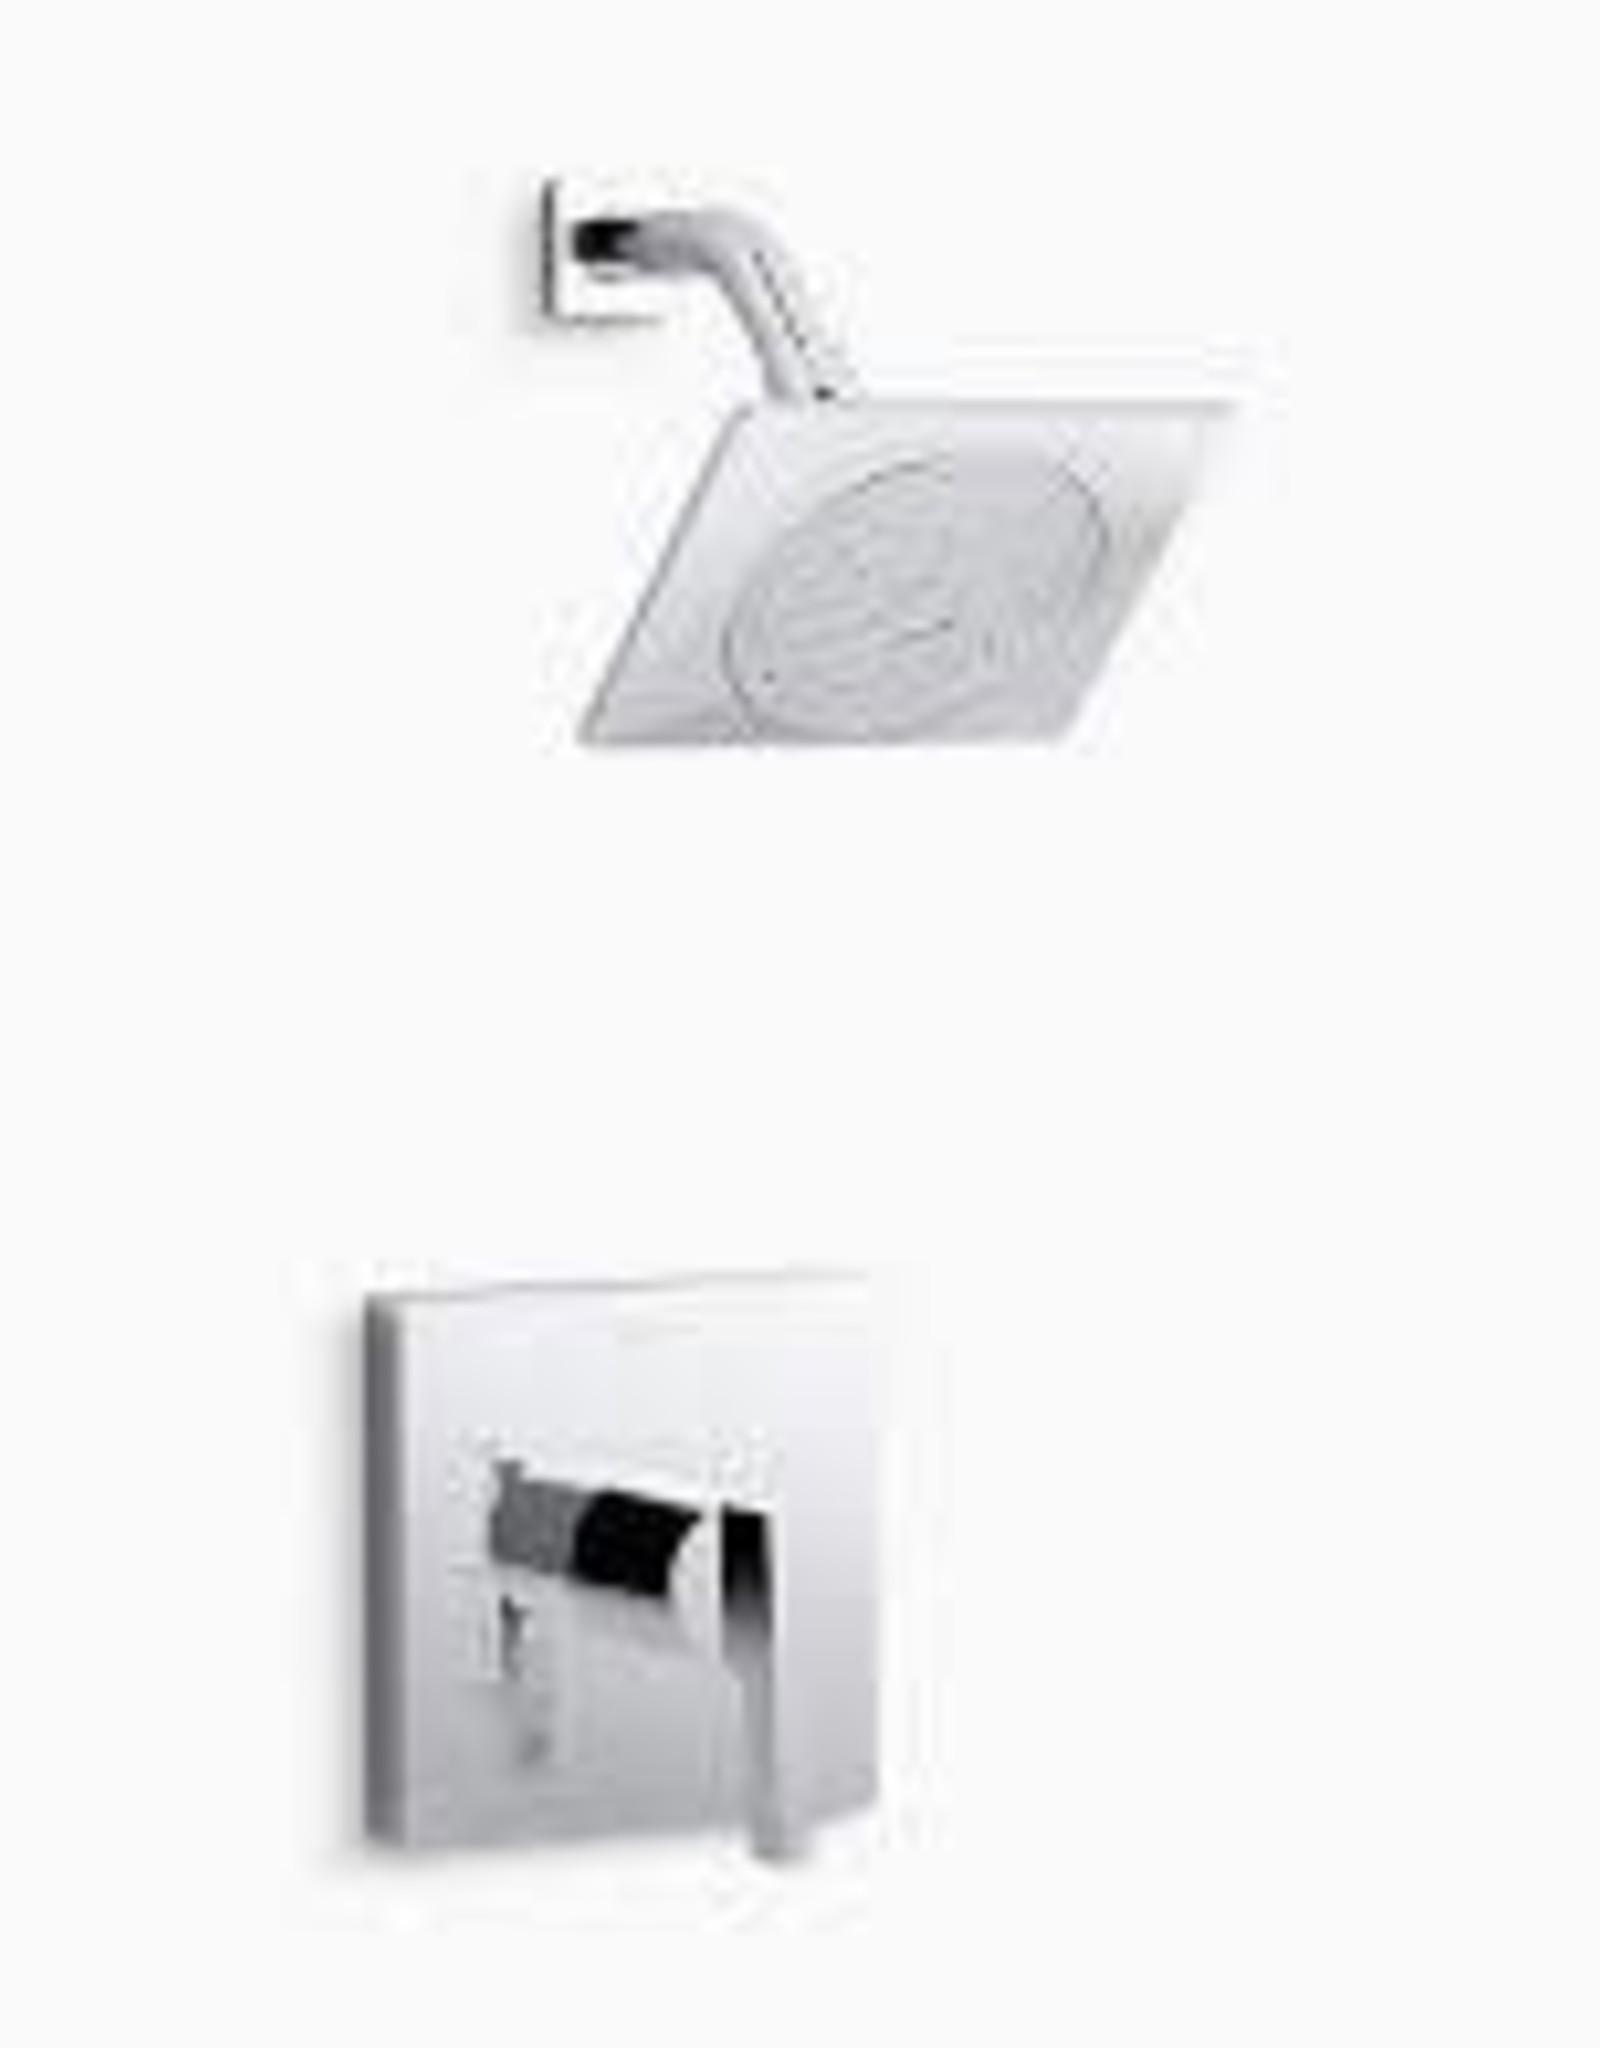 Kohler Kohler Honesty Rite-Temp Shower Trim